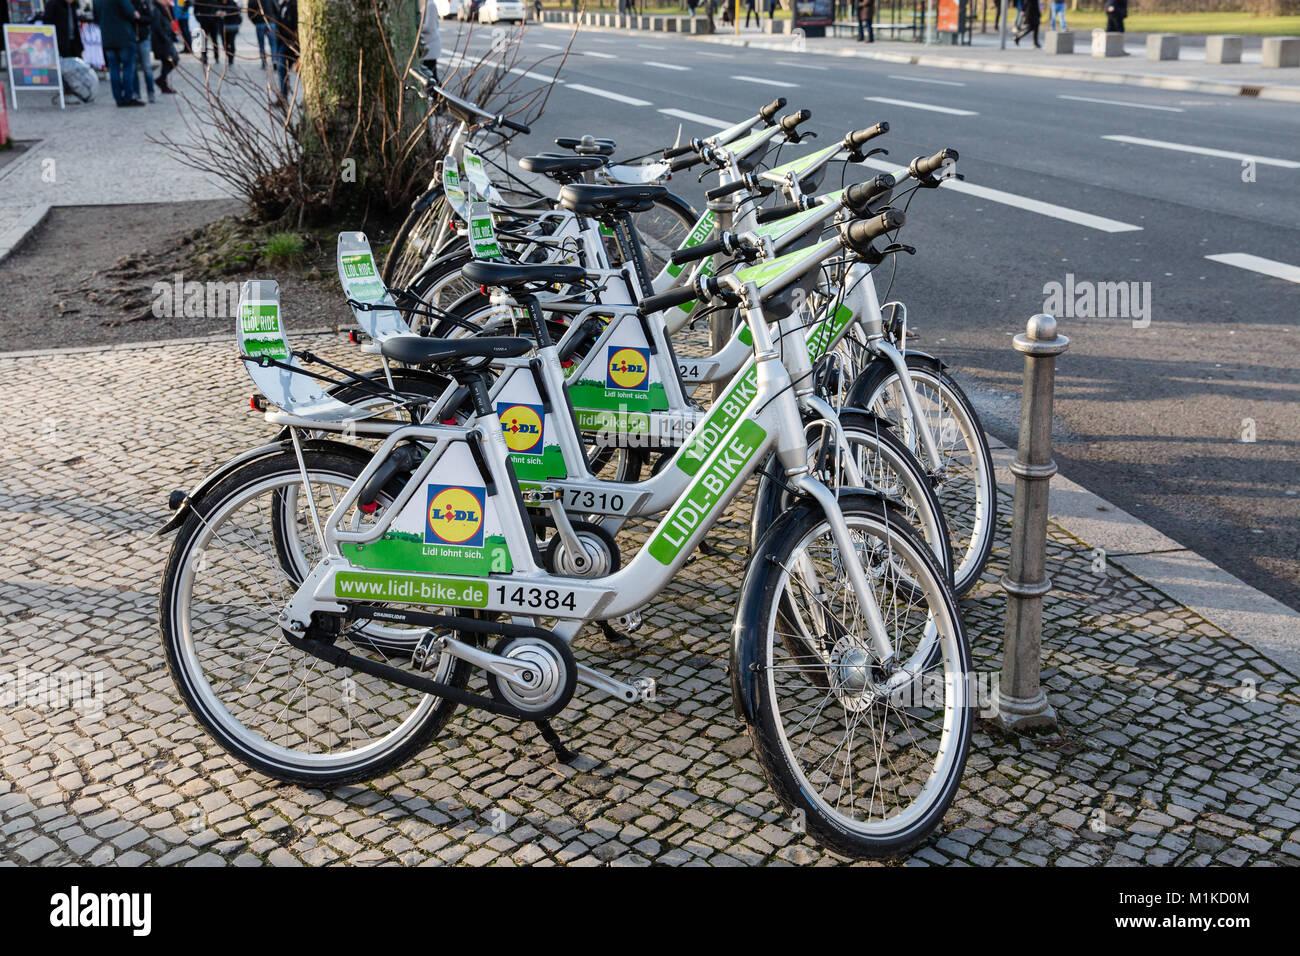 Rent Bike Berlin Stock Photos Rent Bike Berlin Stock Images Alamy